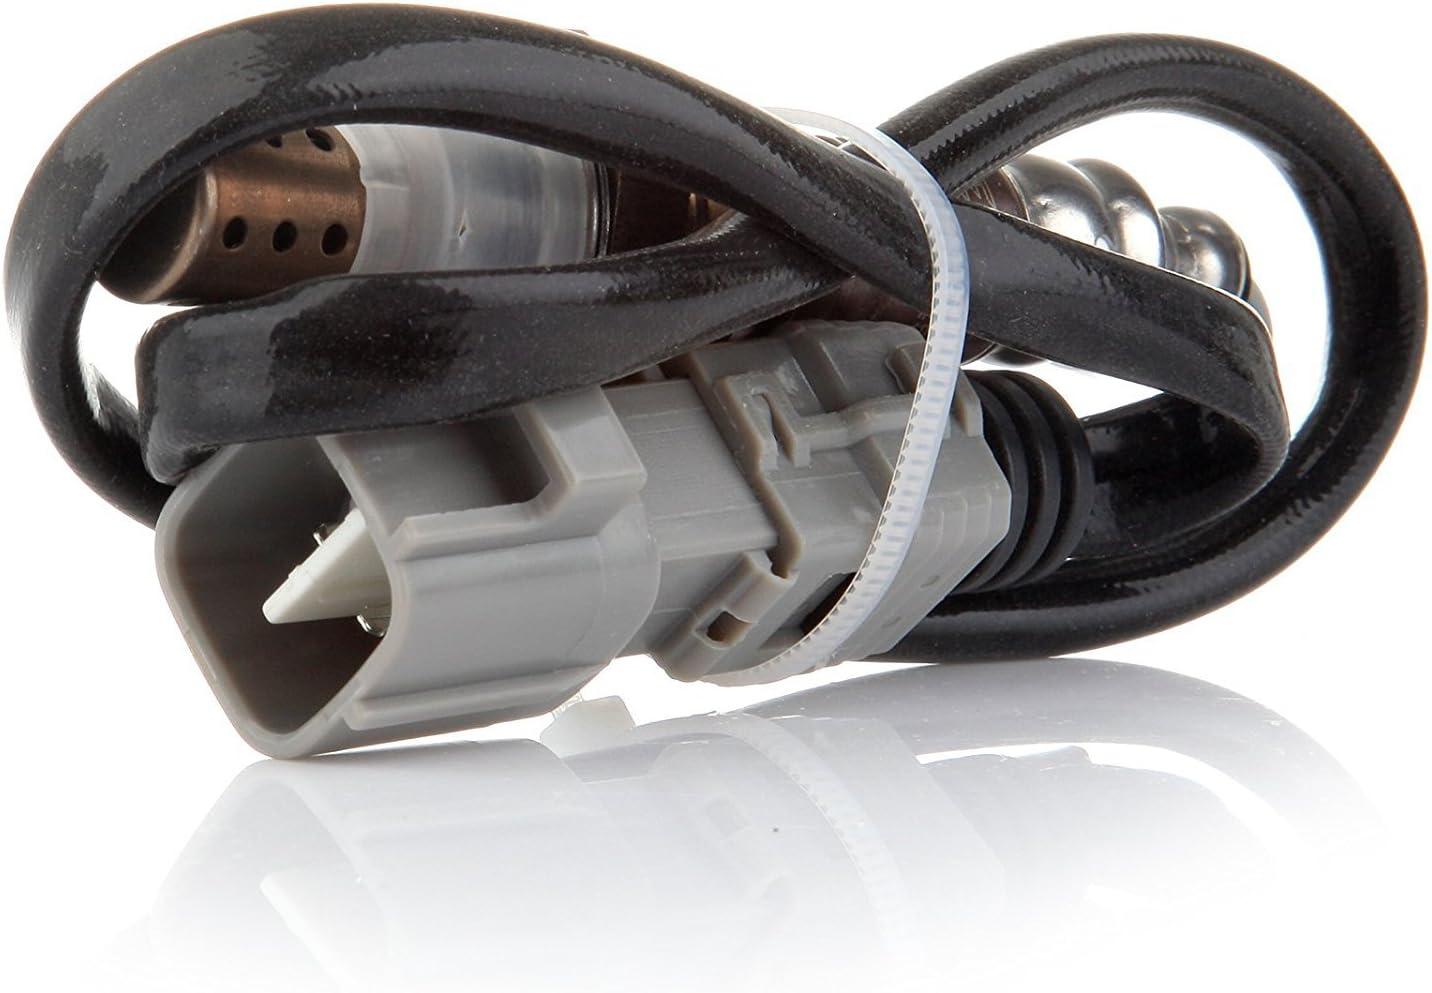 Iycorish Camshaft Holding Tool Timing Alignment Holder Tool 303-1248 303-1530 OTC 6682 Camshaft Holding Tool and Chain Tensioner Set for 3.5L 3.7L 4V Engines